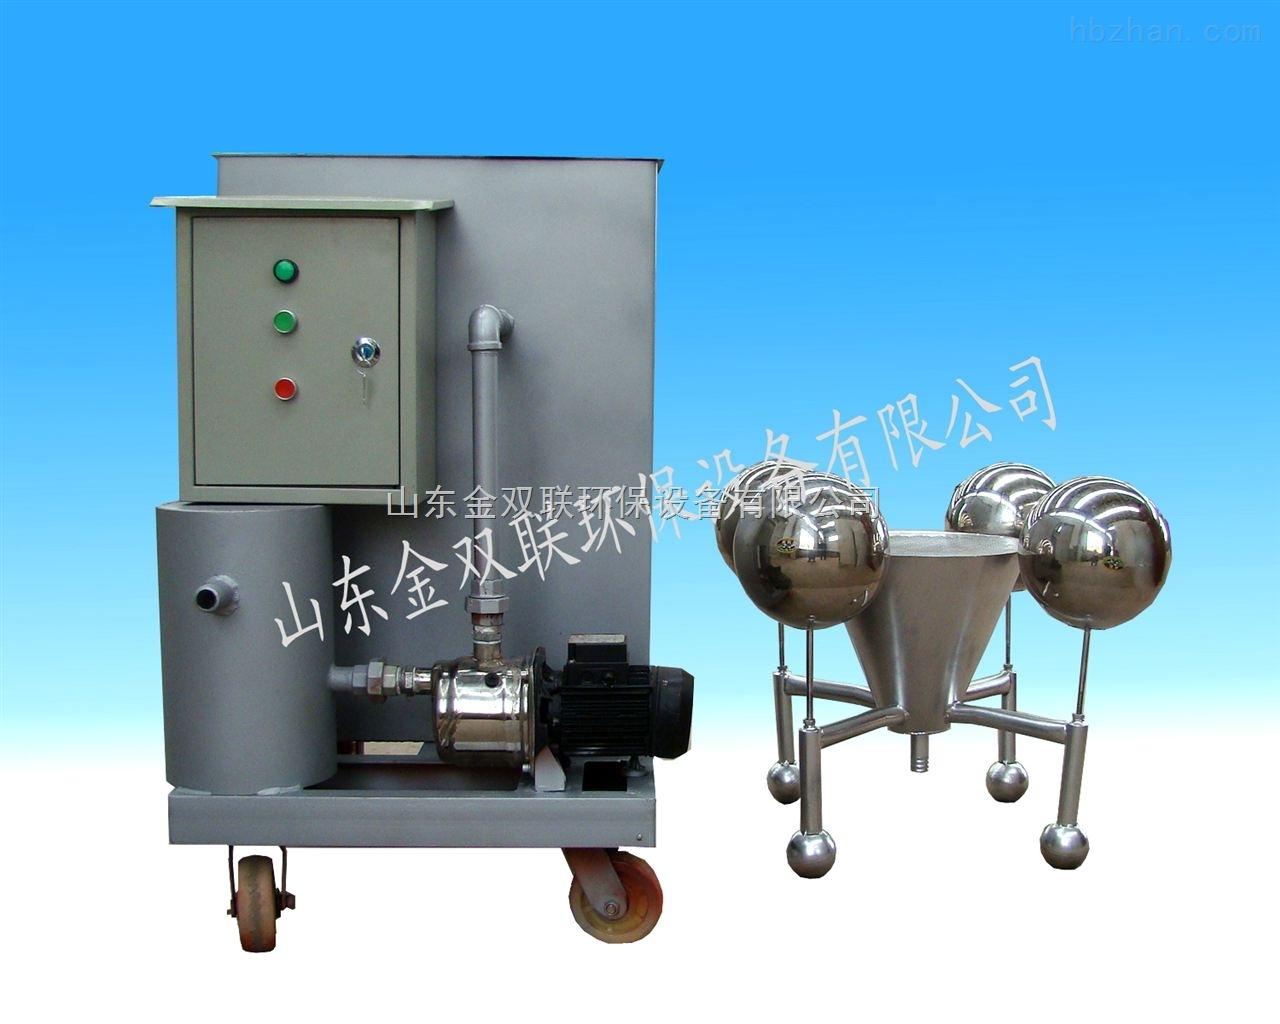 高效移动式浮油吸收器